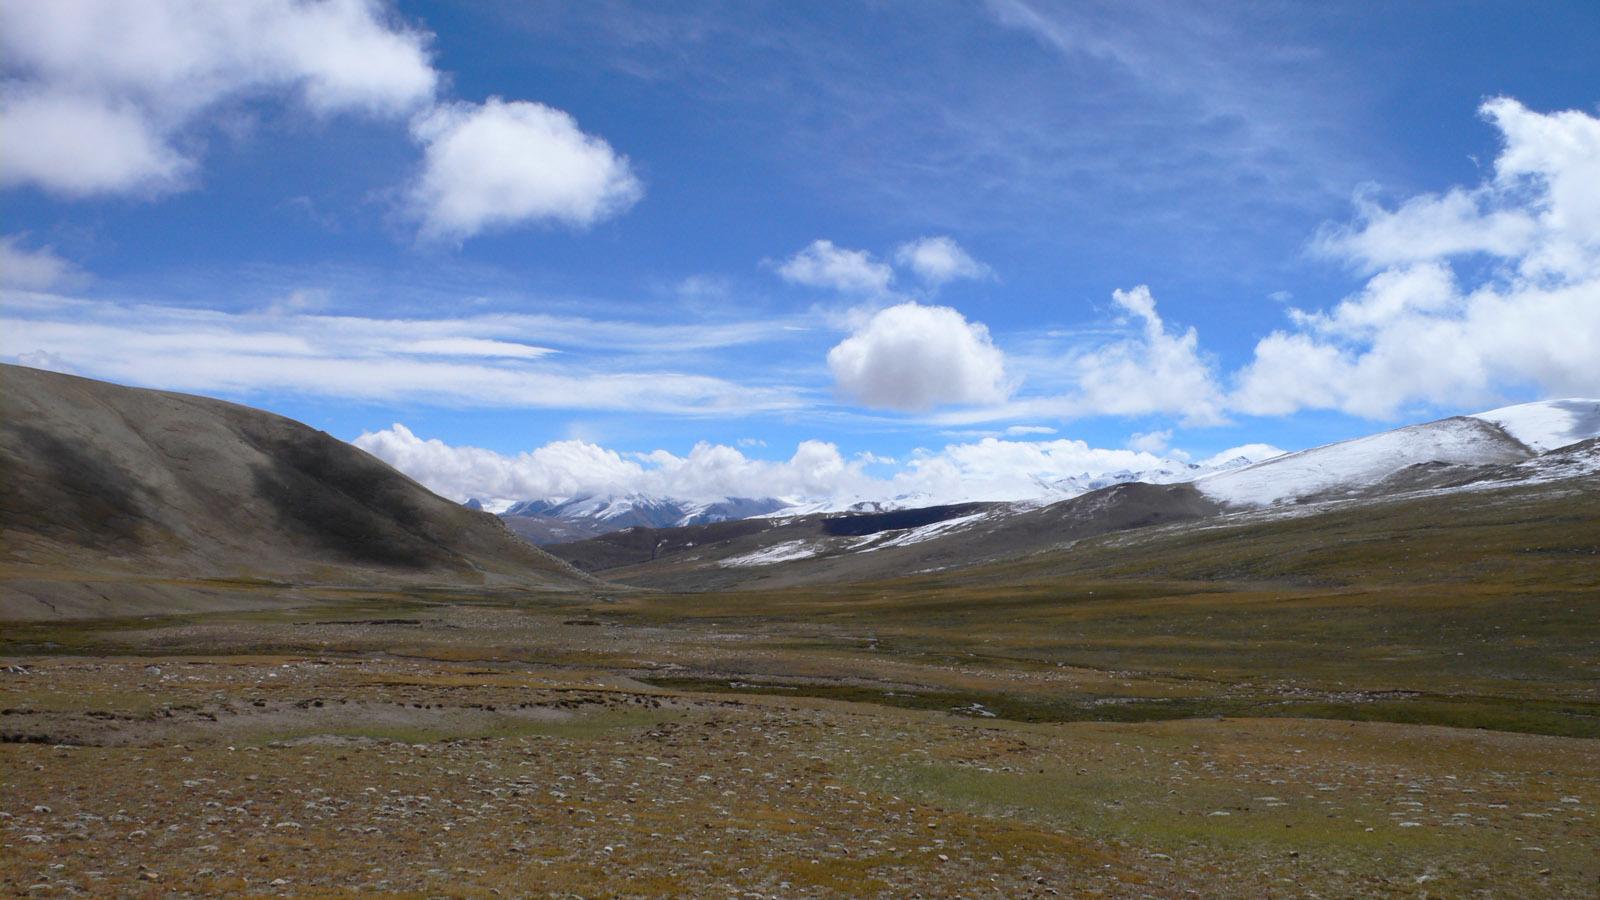 ヒマラヤ風景